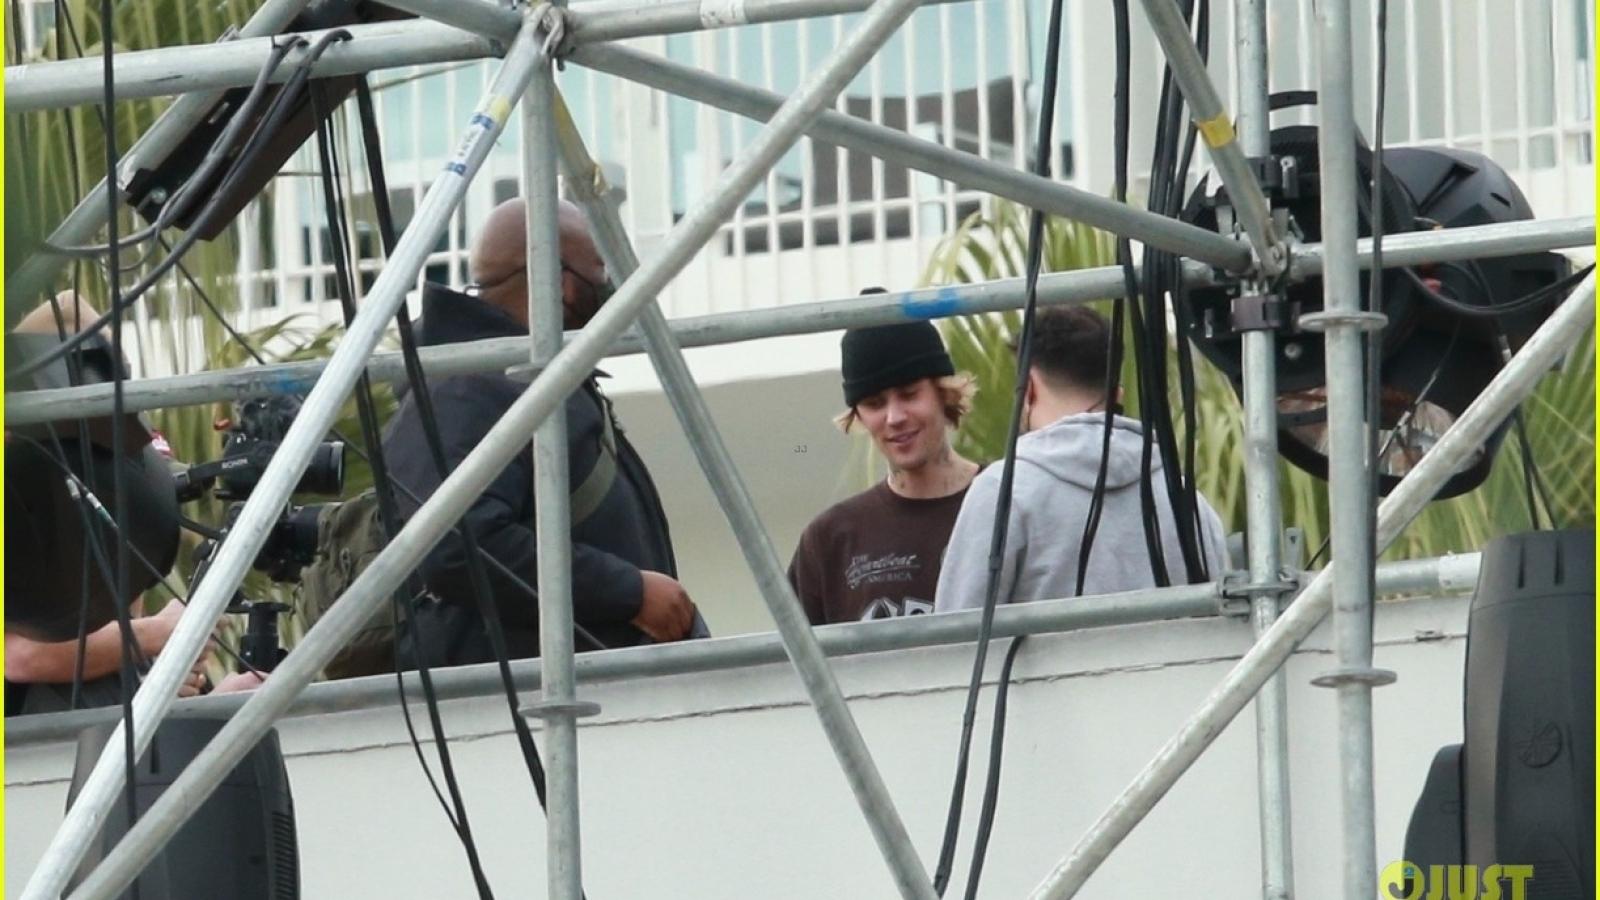 Justin Bieber cười tươi trong buổi tập luyện chuẩn bị cho show diễn sắp tới